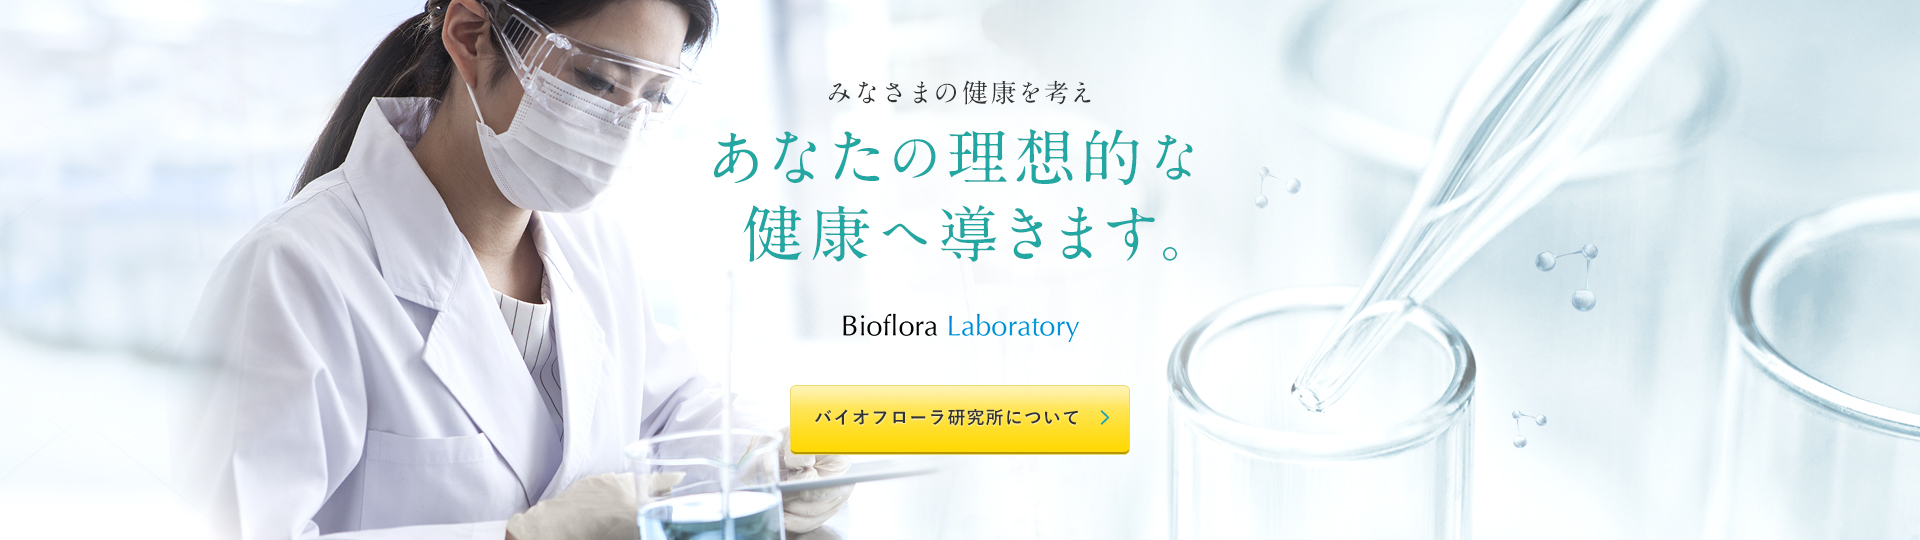 バイオフローラ研究所について